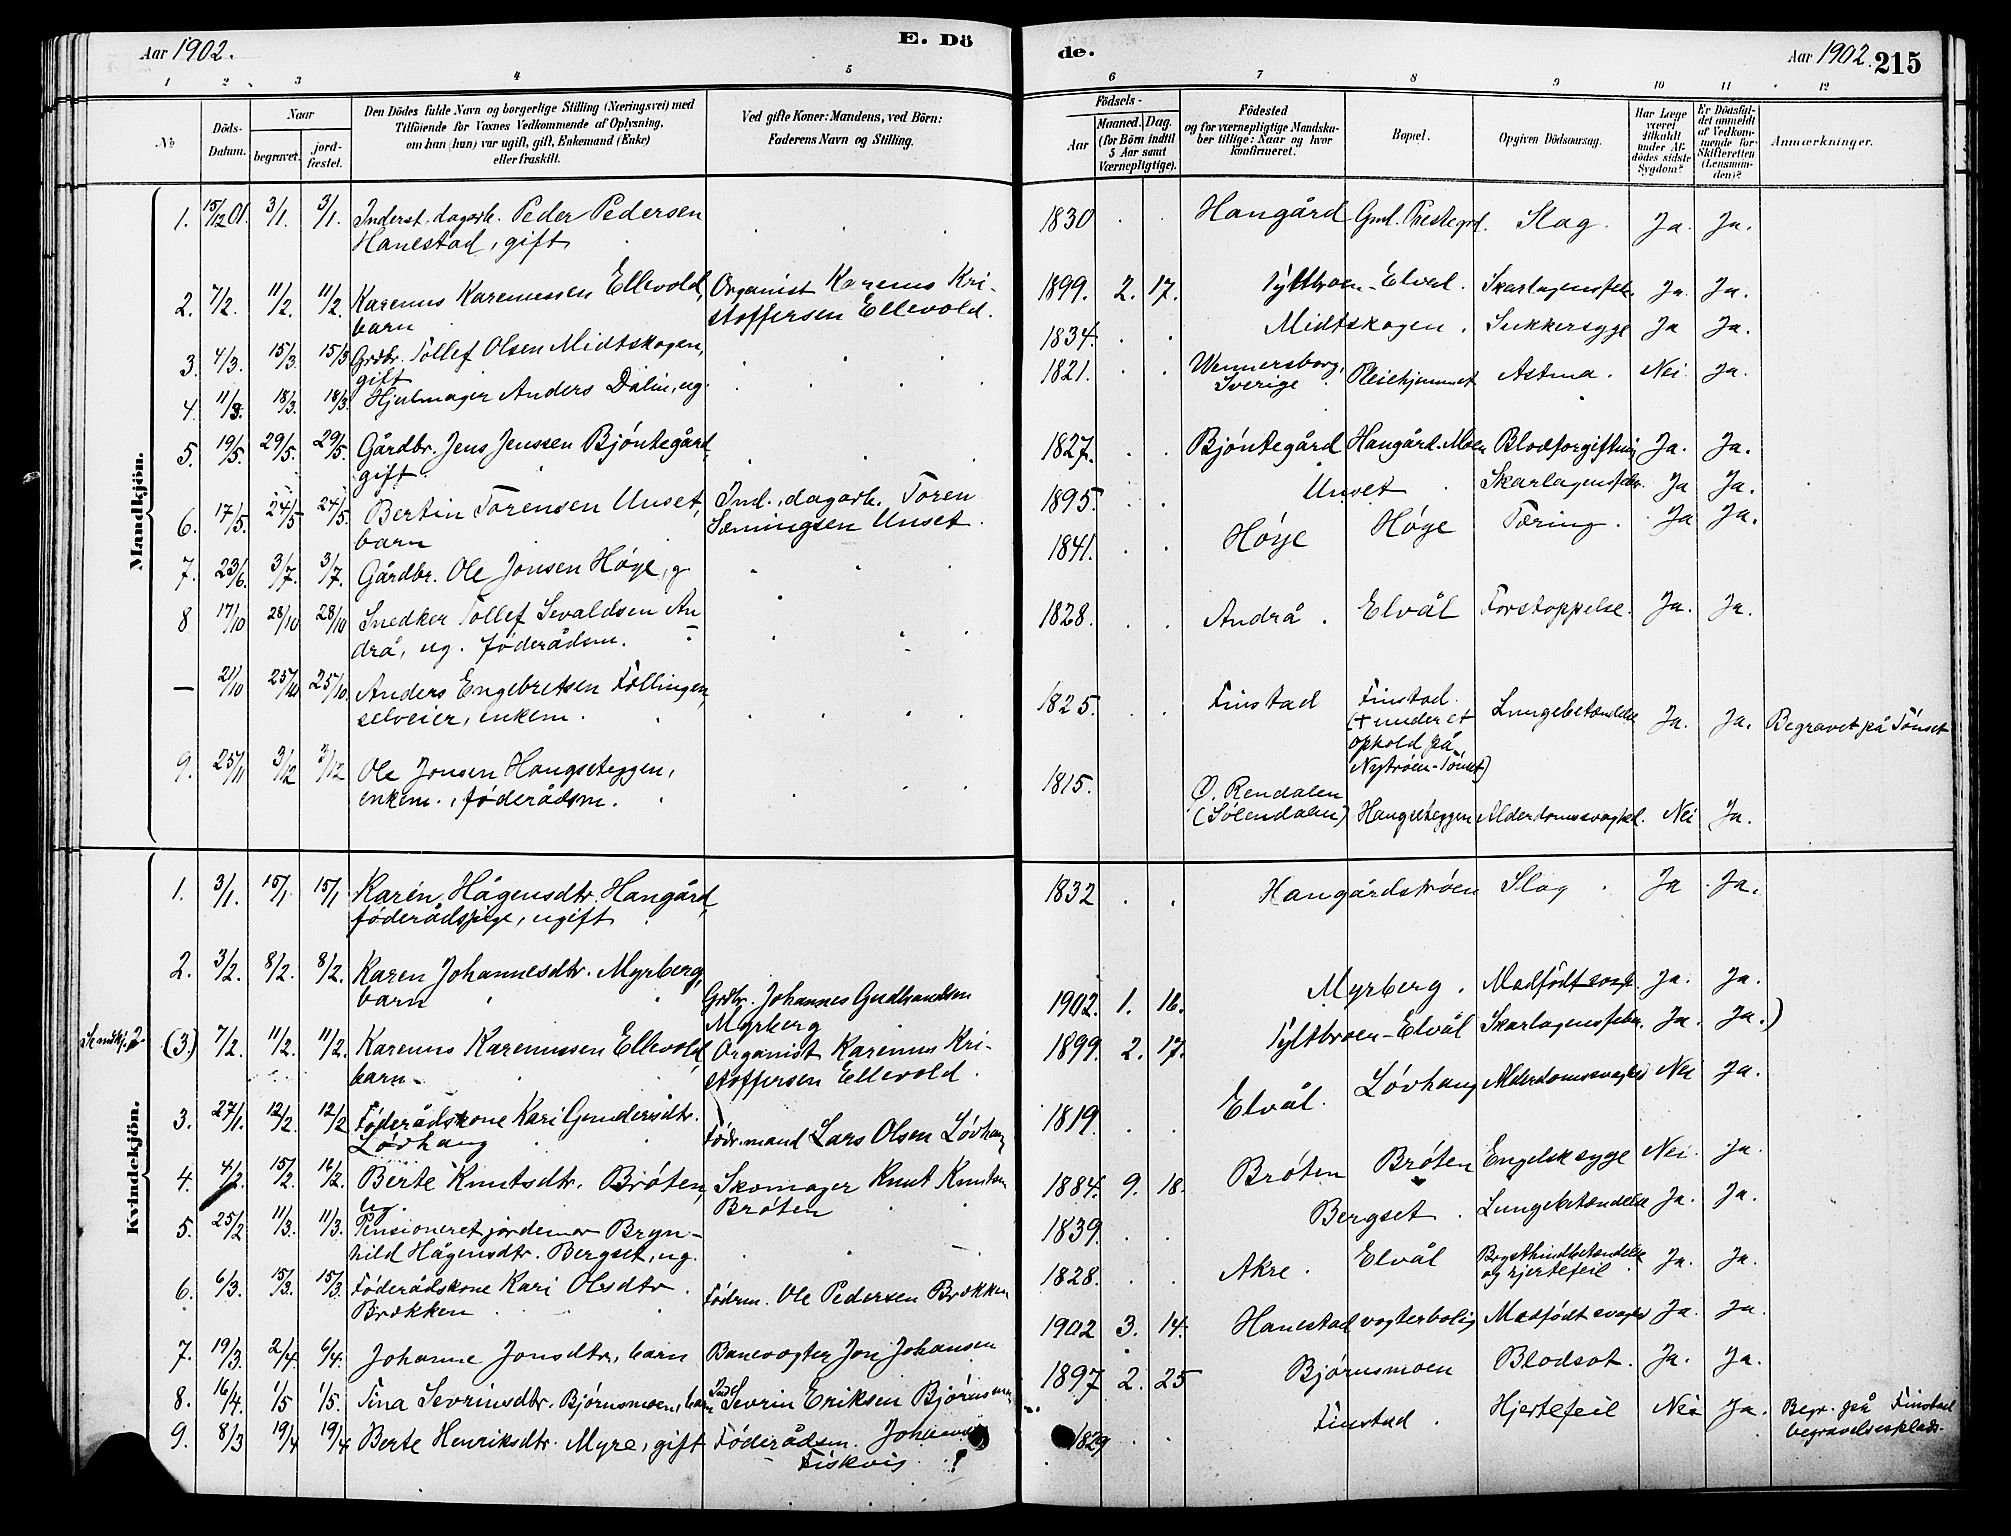 SAH, Rendalen prestekontor, H/Ha/Hab/L0003: Klokkerbok nr. 3, 1879-1904, s. 215